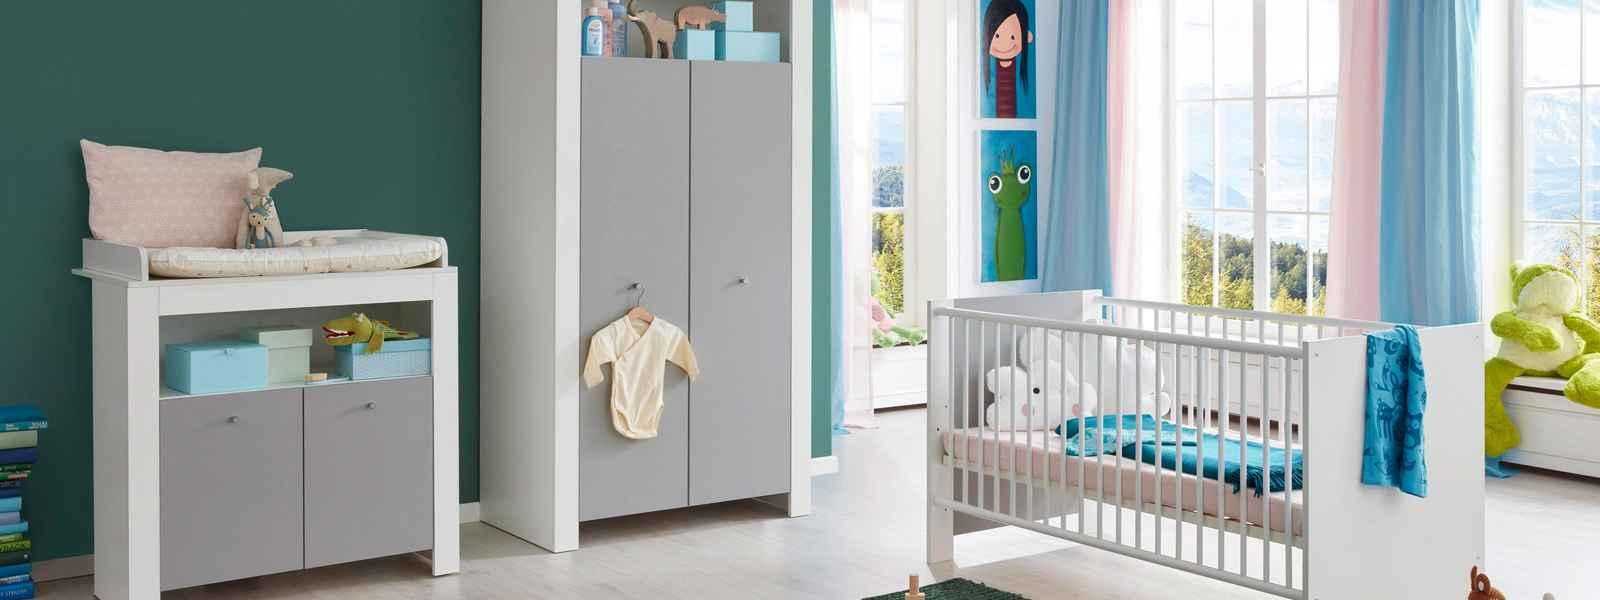 Babyzimmer Lissabon weiß/grau